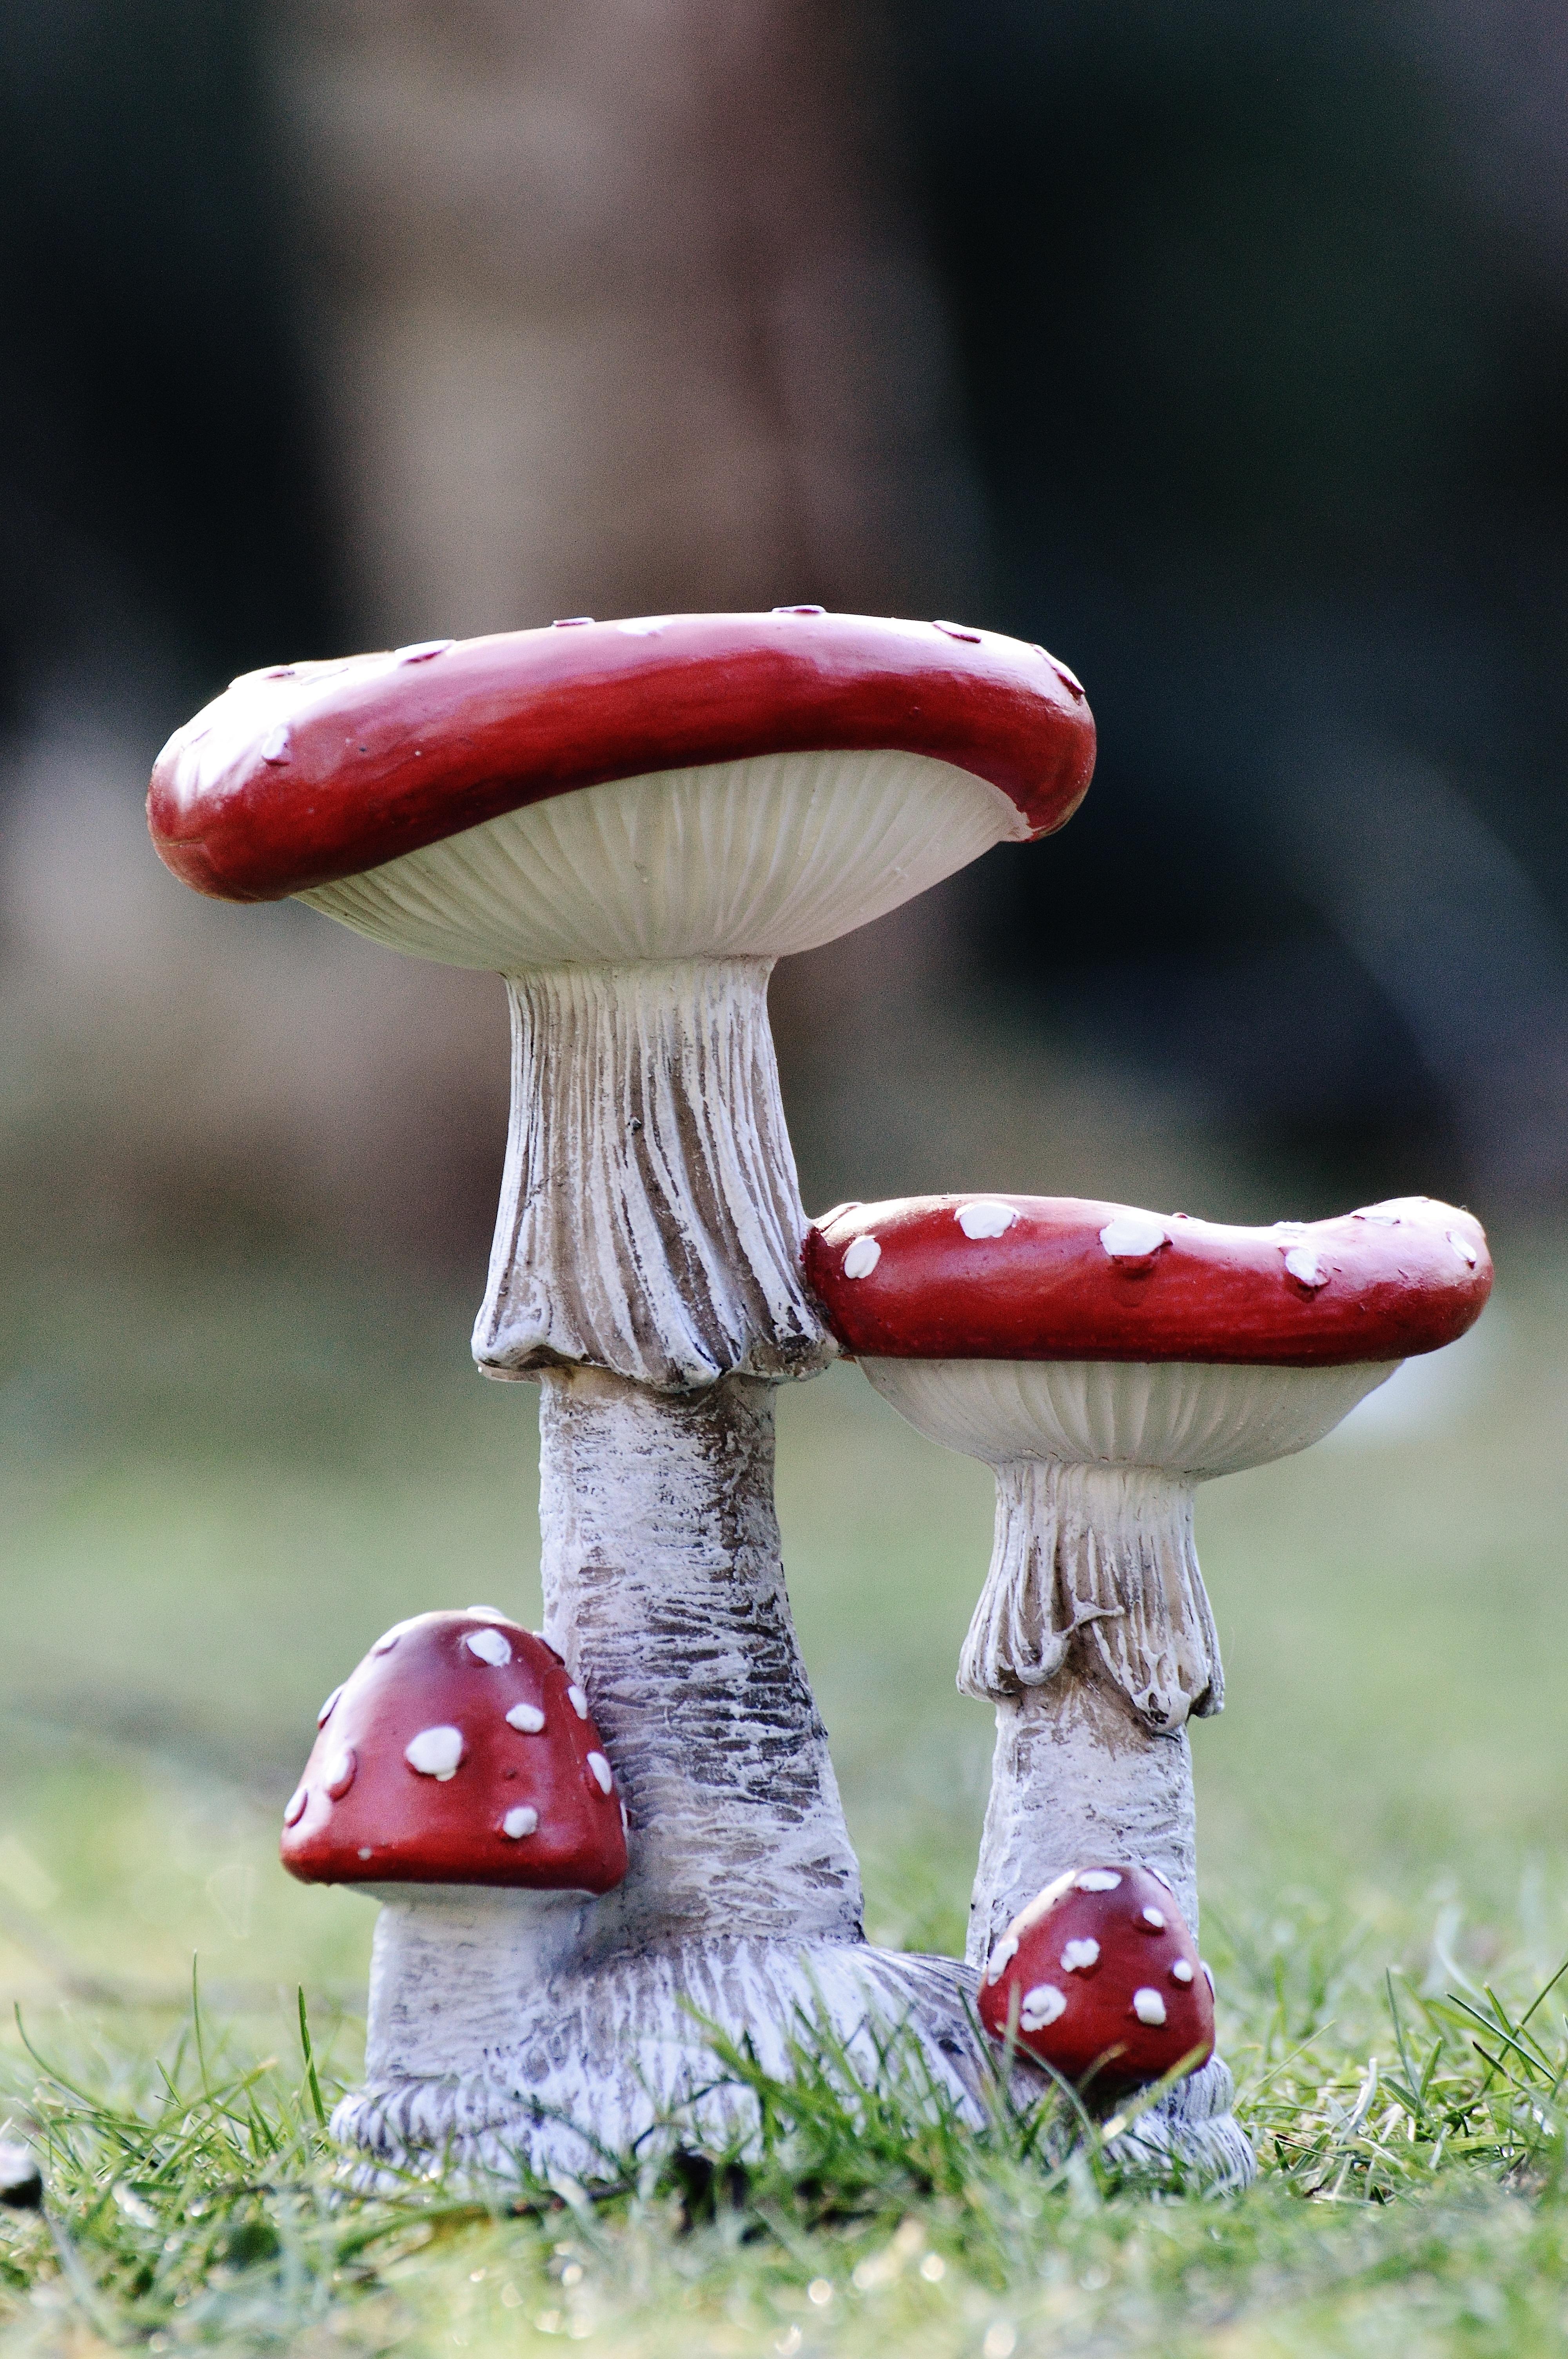 Images Gratuites : Prairie, décoration, rouge, champignon, jardin ...